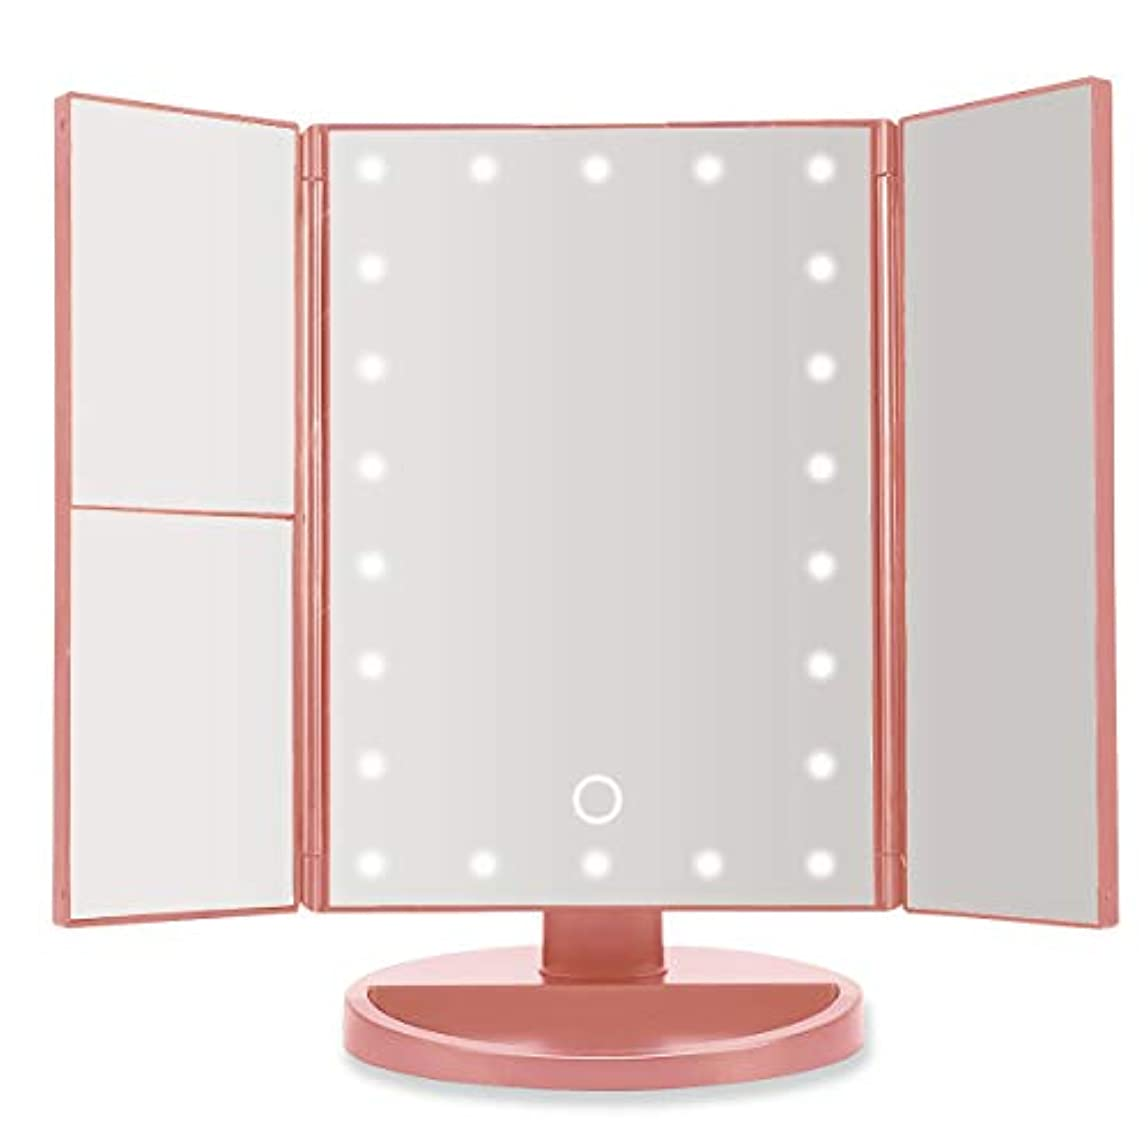 スピリチュアル慎重に義務づける22LED付き3面鏡卓上女優ミラー ピンク